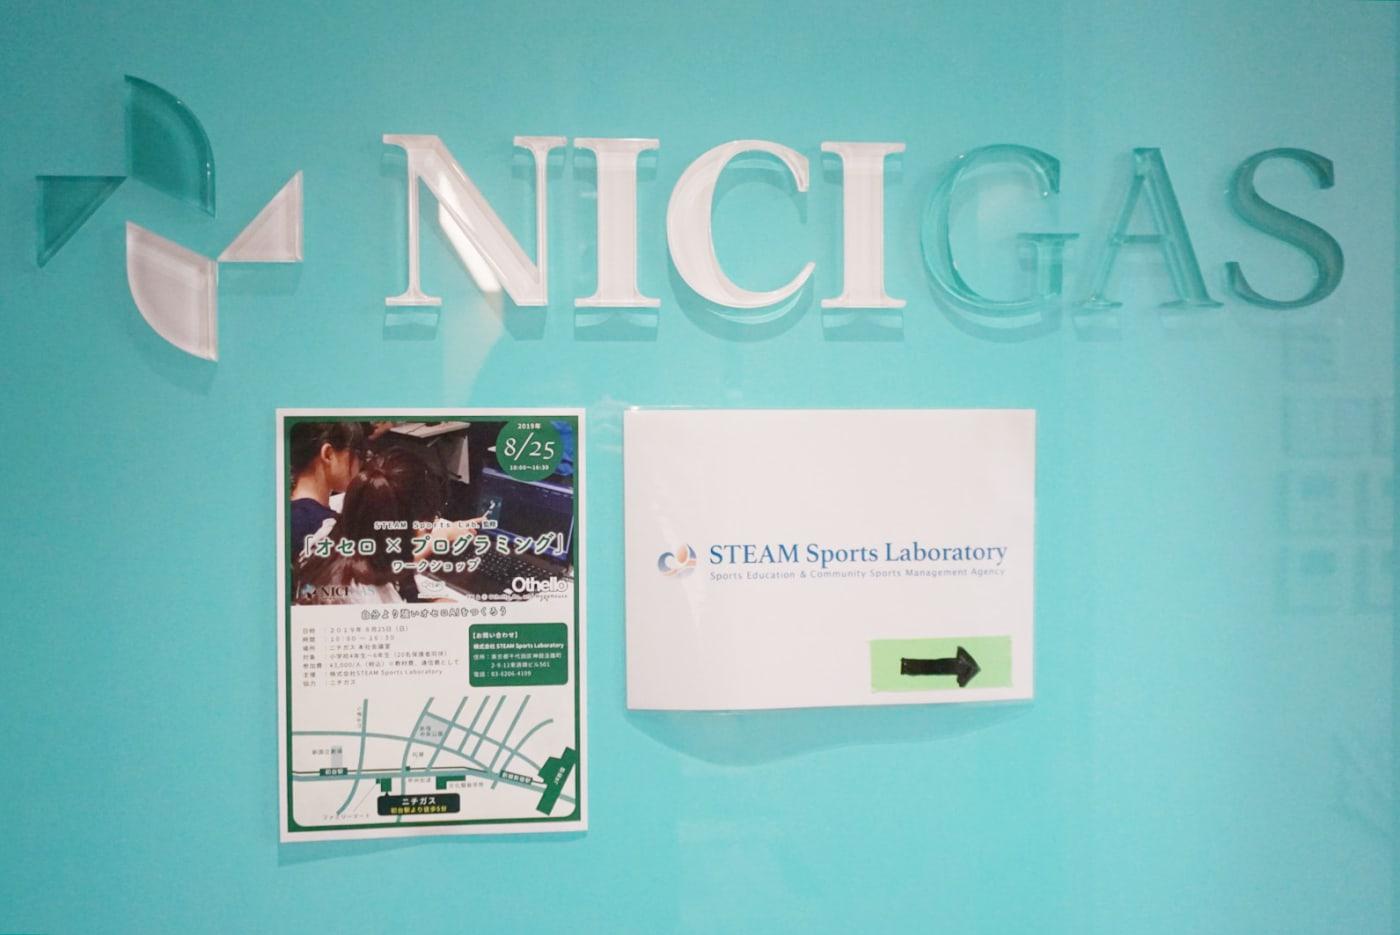 ニチガス会議室の写真